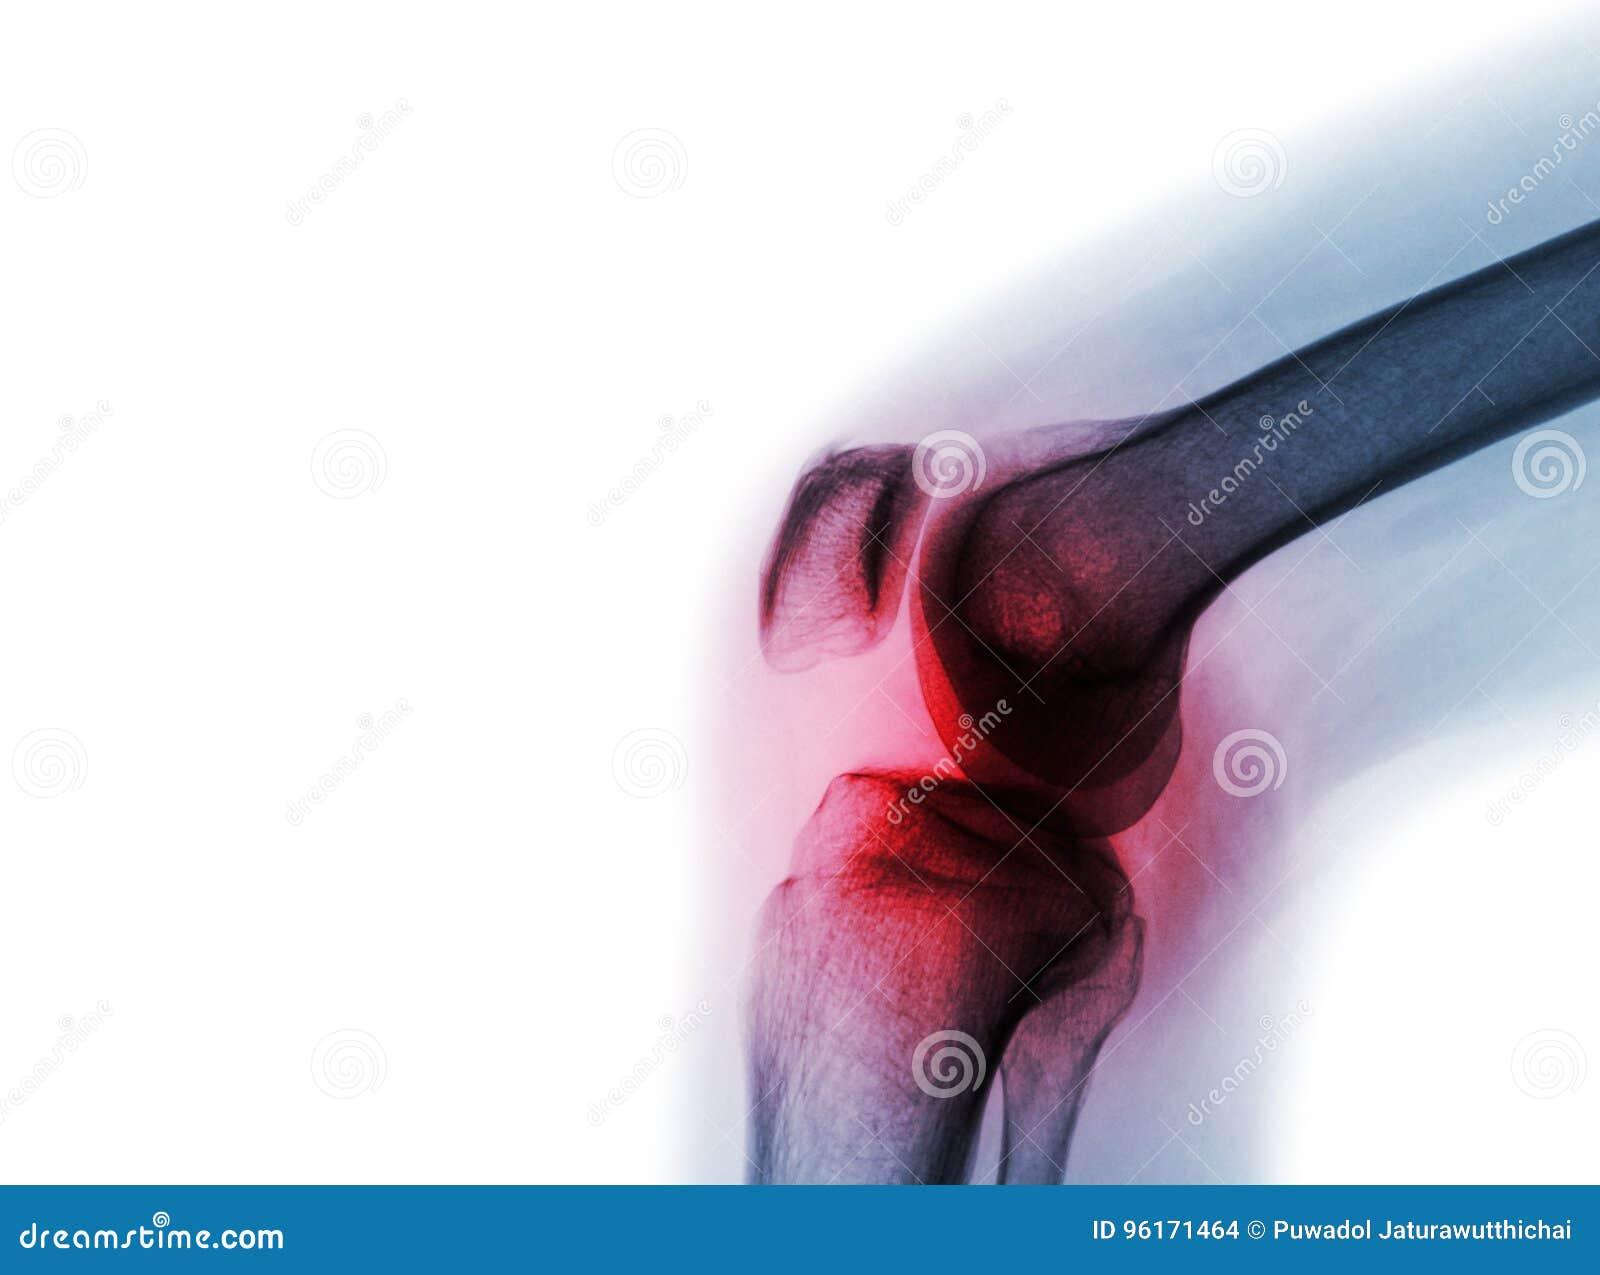 摄制X-射线与关节炎& x28的膝盖关节;痛风、风湿性关节炎、腐败的关节炎、骨关节炎膝盖& x29;